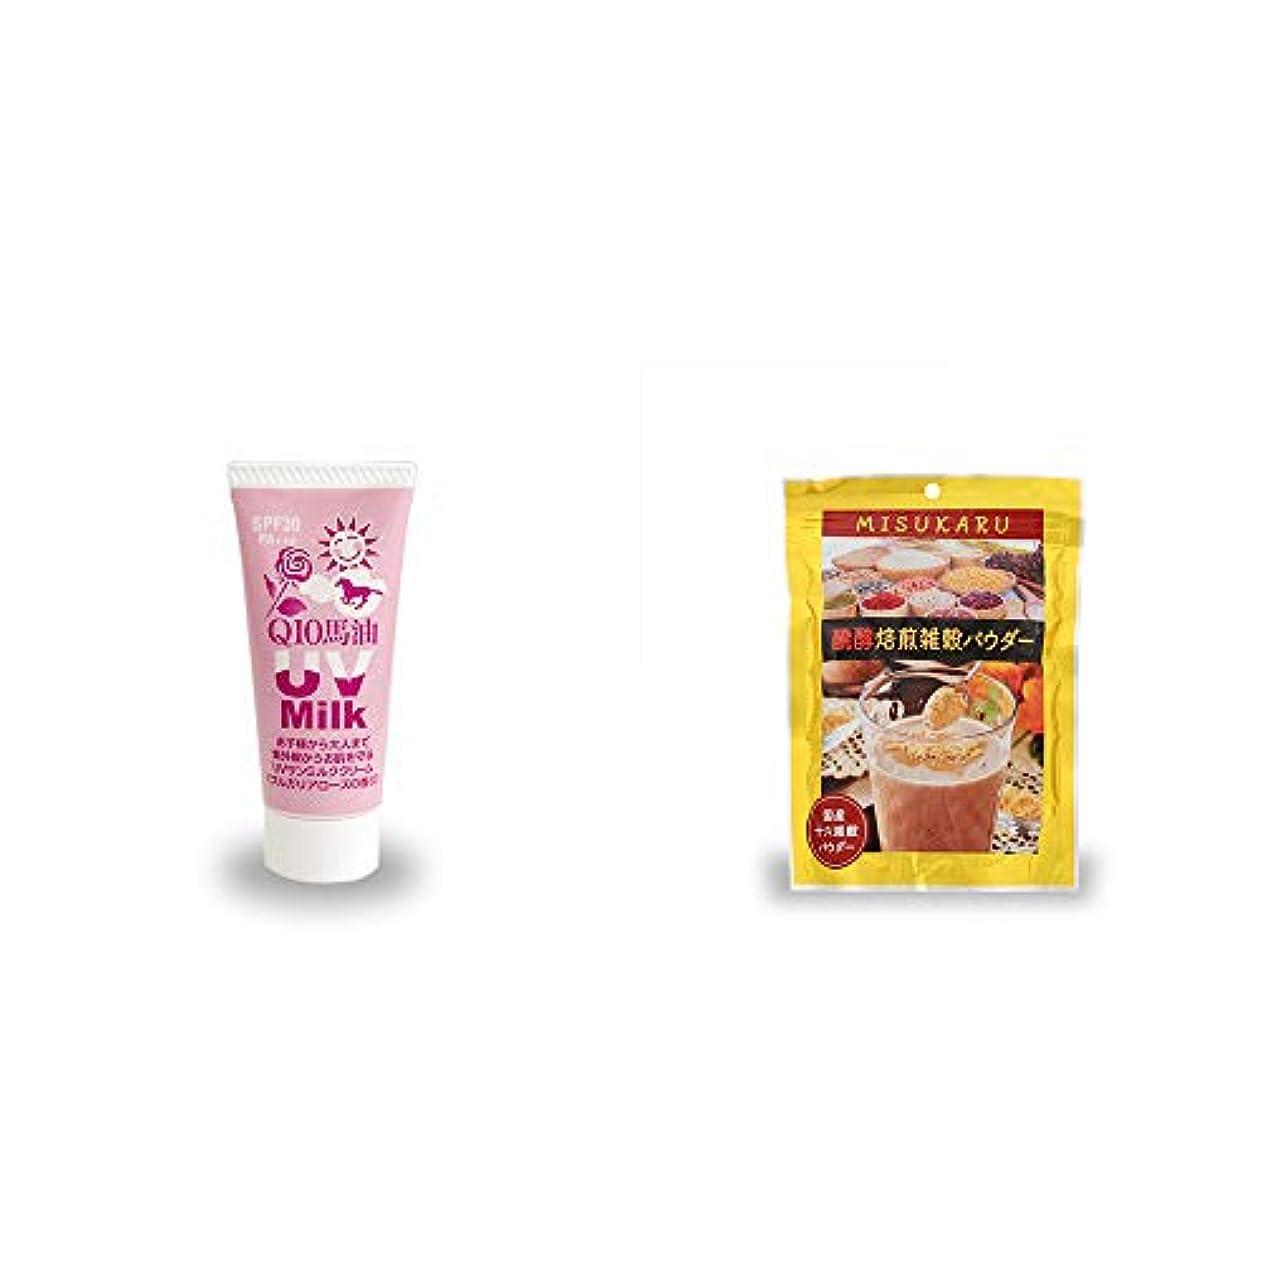 [2点セット] 炭黒泉 Q10馬油 UVサンミルク[ブルガリアローズ](40g)?醗酵焙煎雑穀パウダー MISUKARU(ミスカル)(200g)